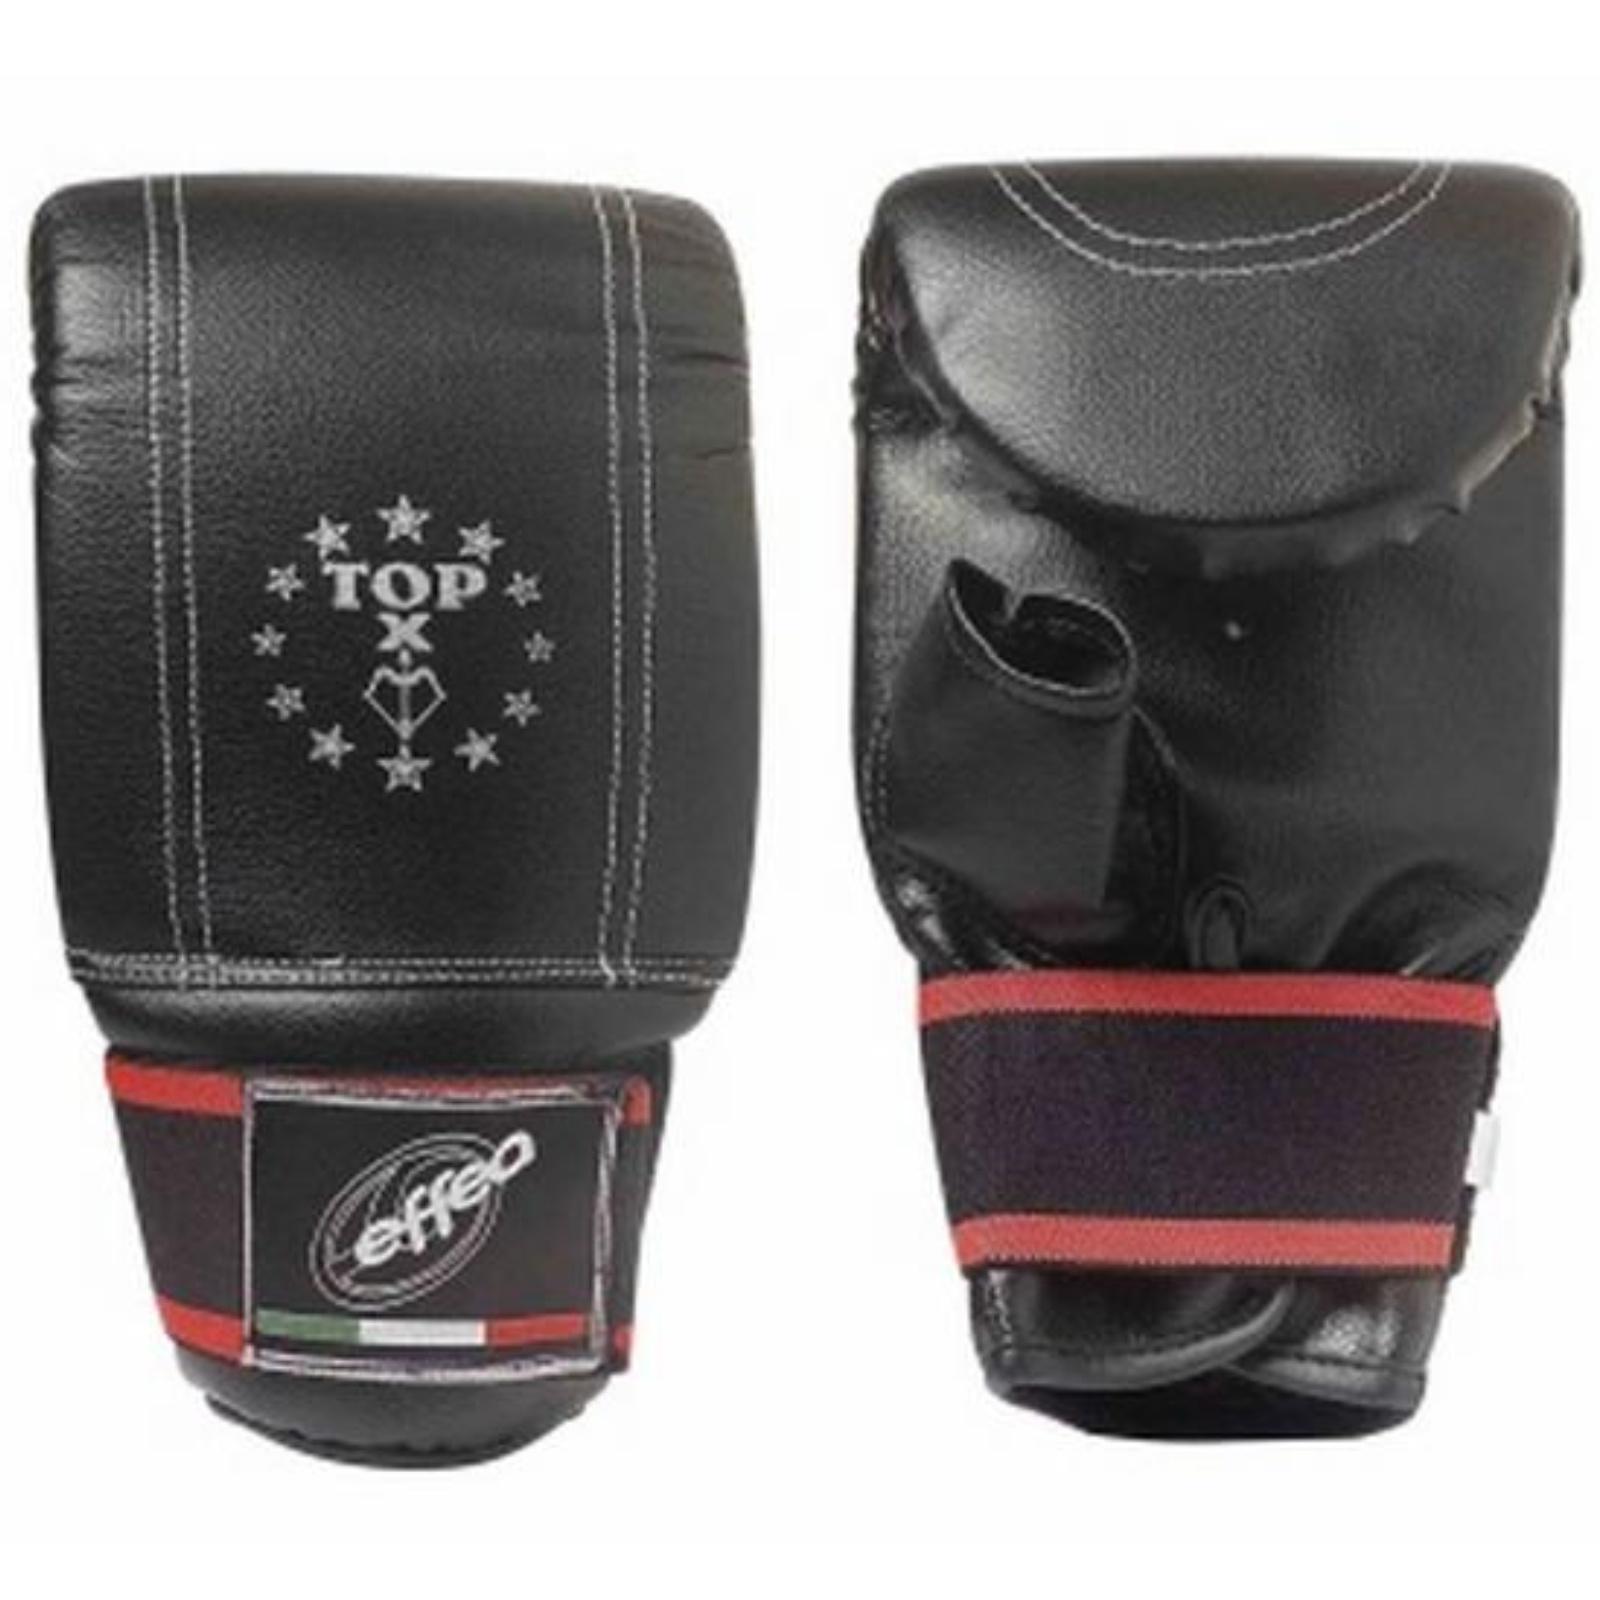 Boxovací rukavice - pytlovky EFFEA 603 vel. XL